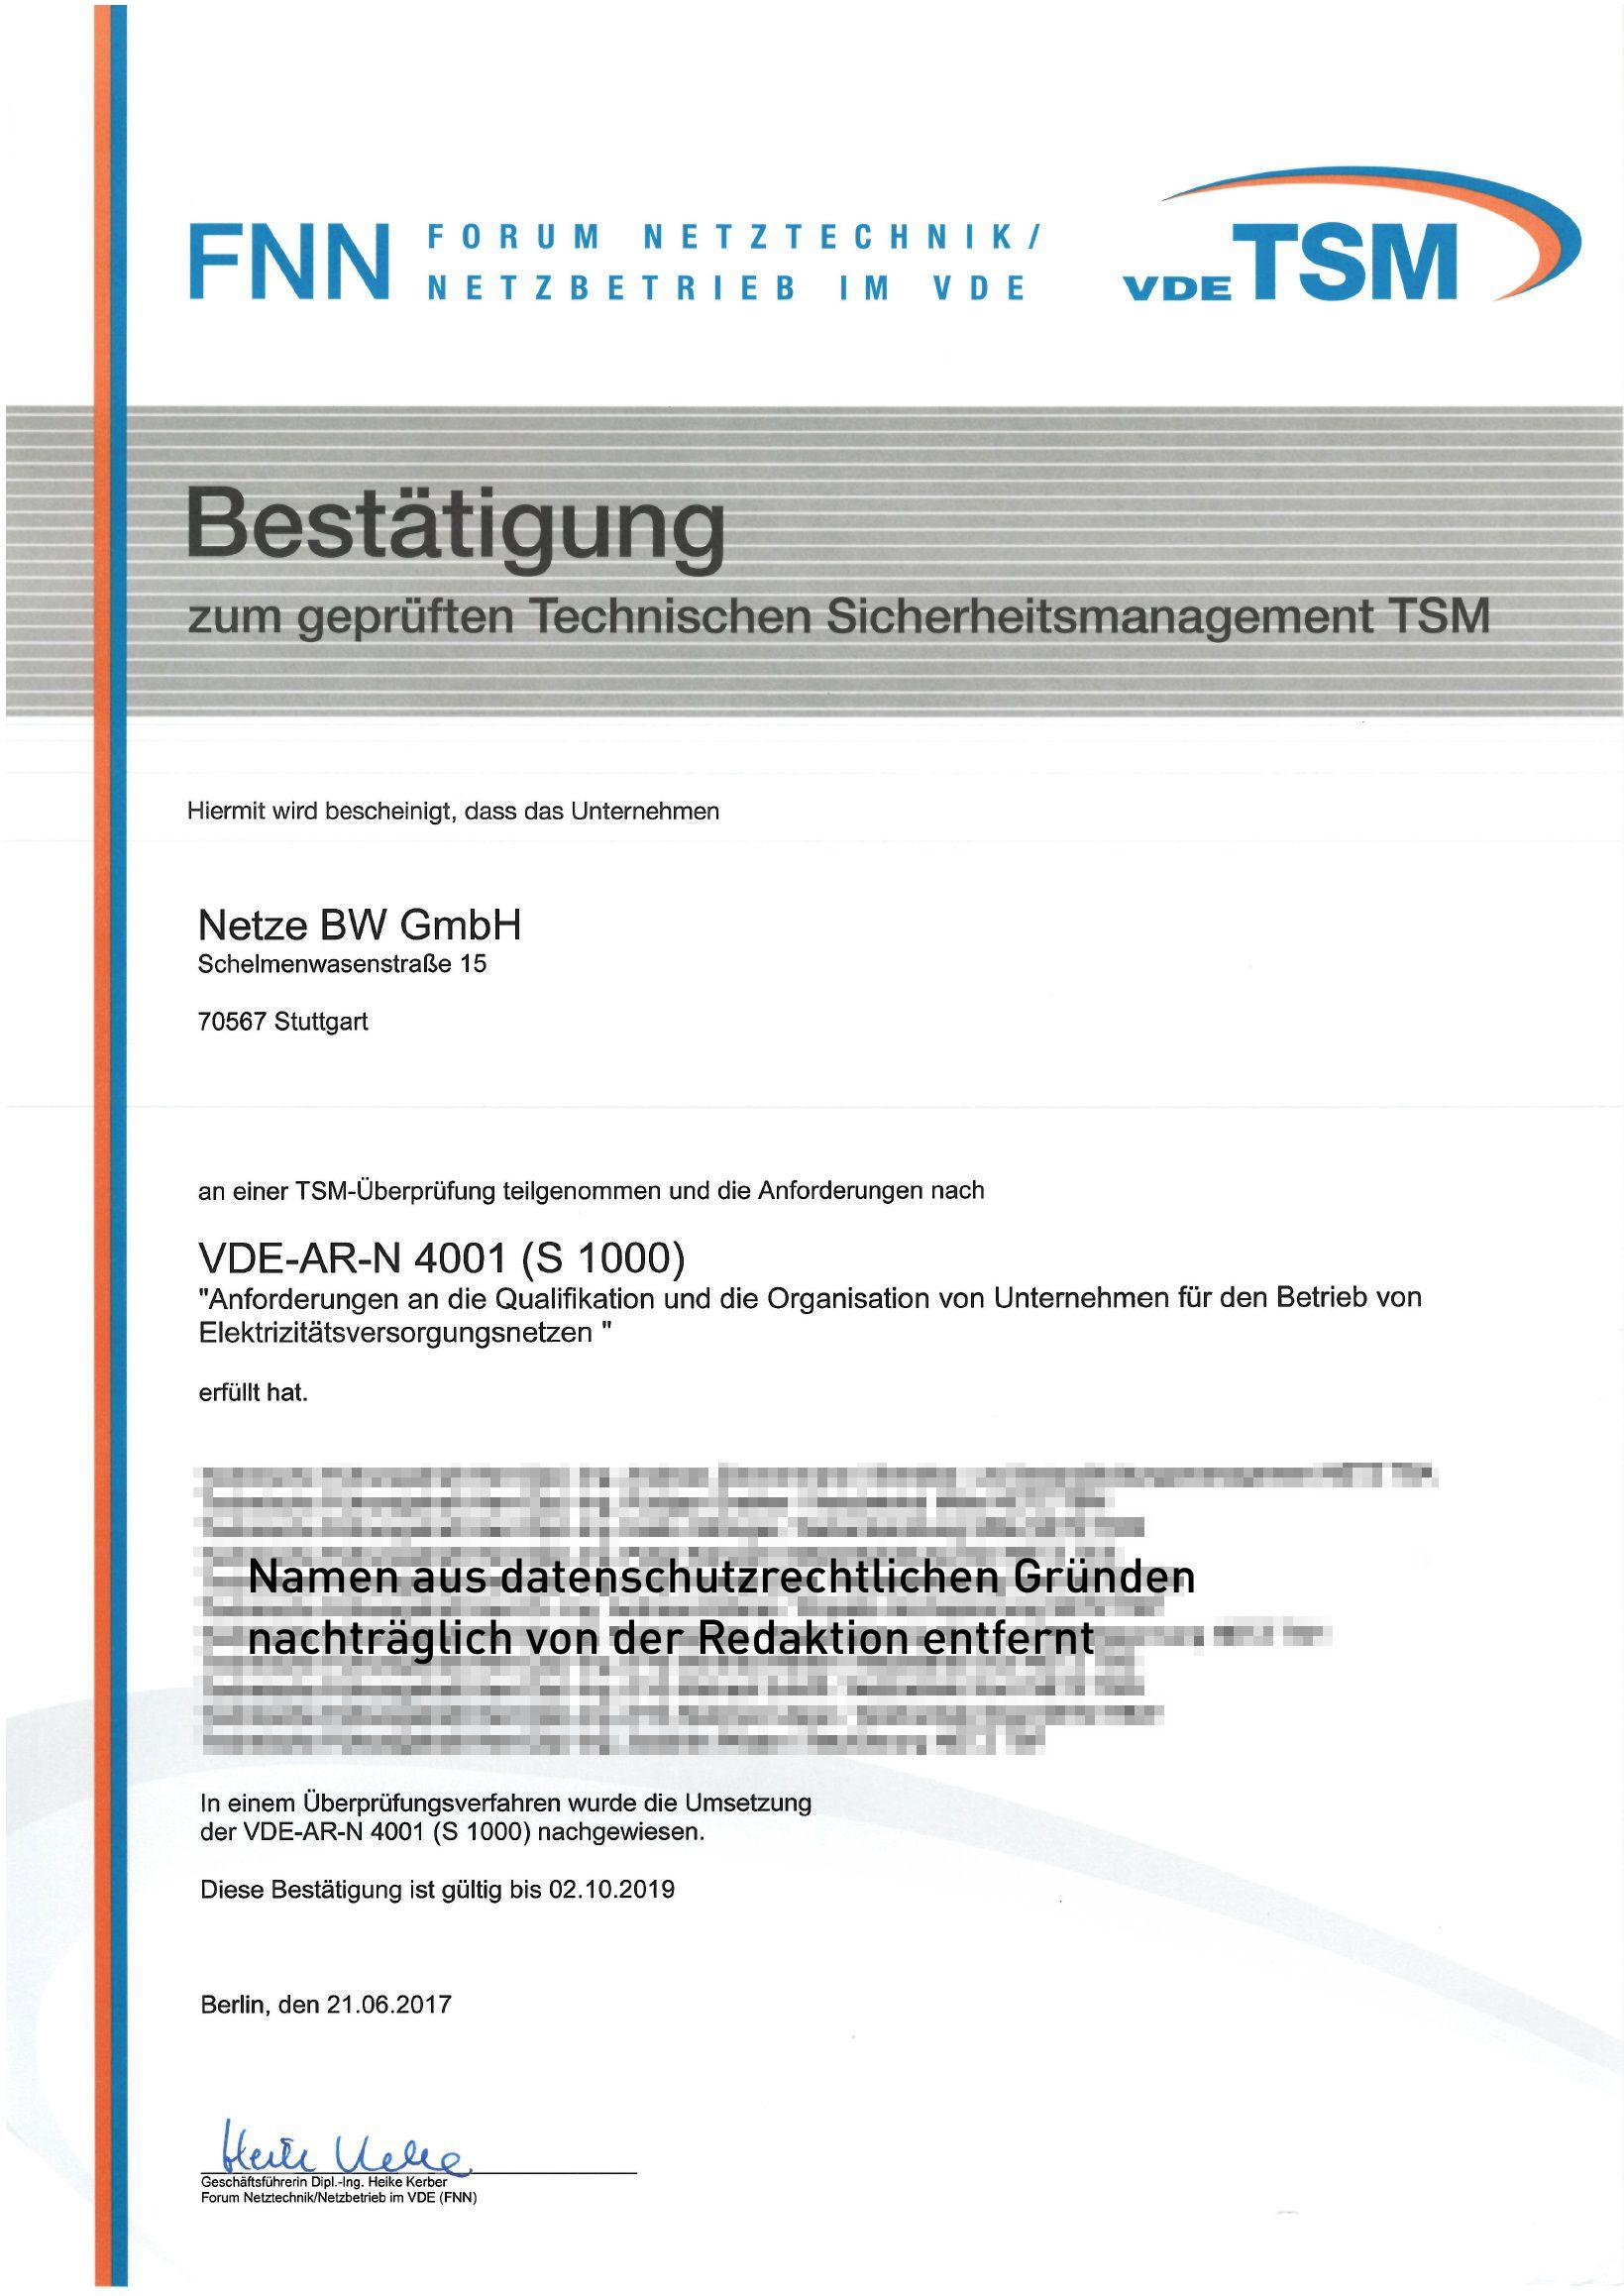 Zertifikate - Netze BW GmbH